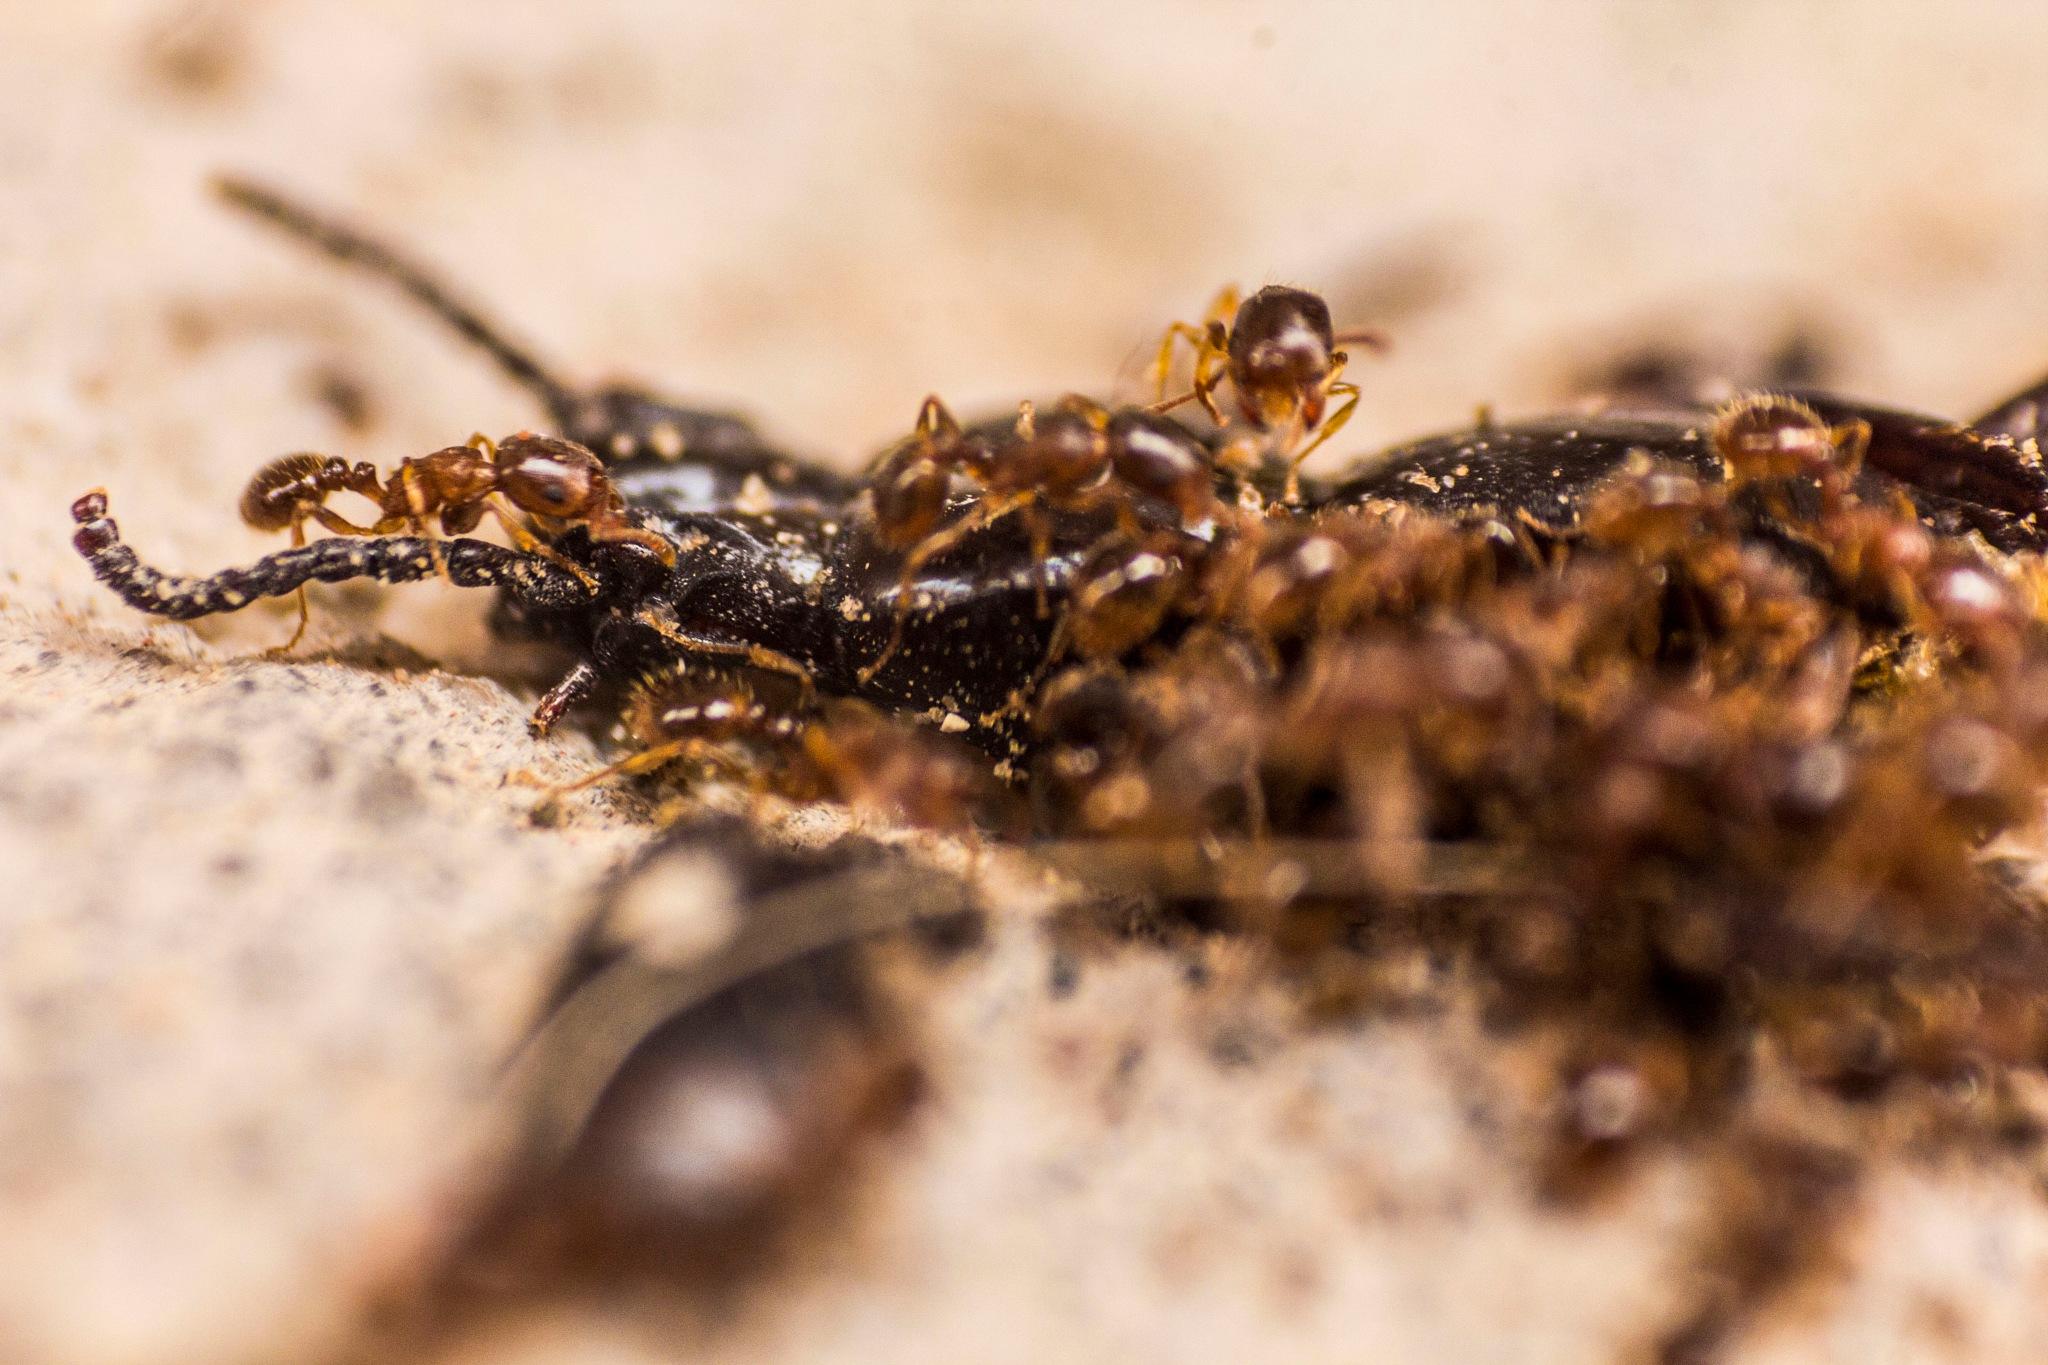 Ant by Mahdi Chabou